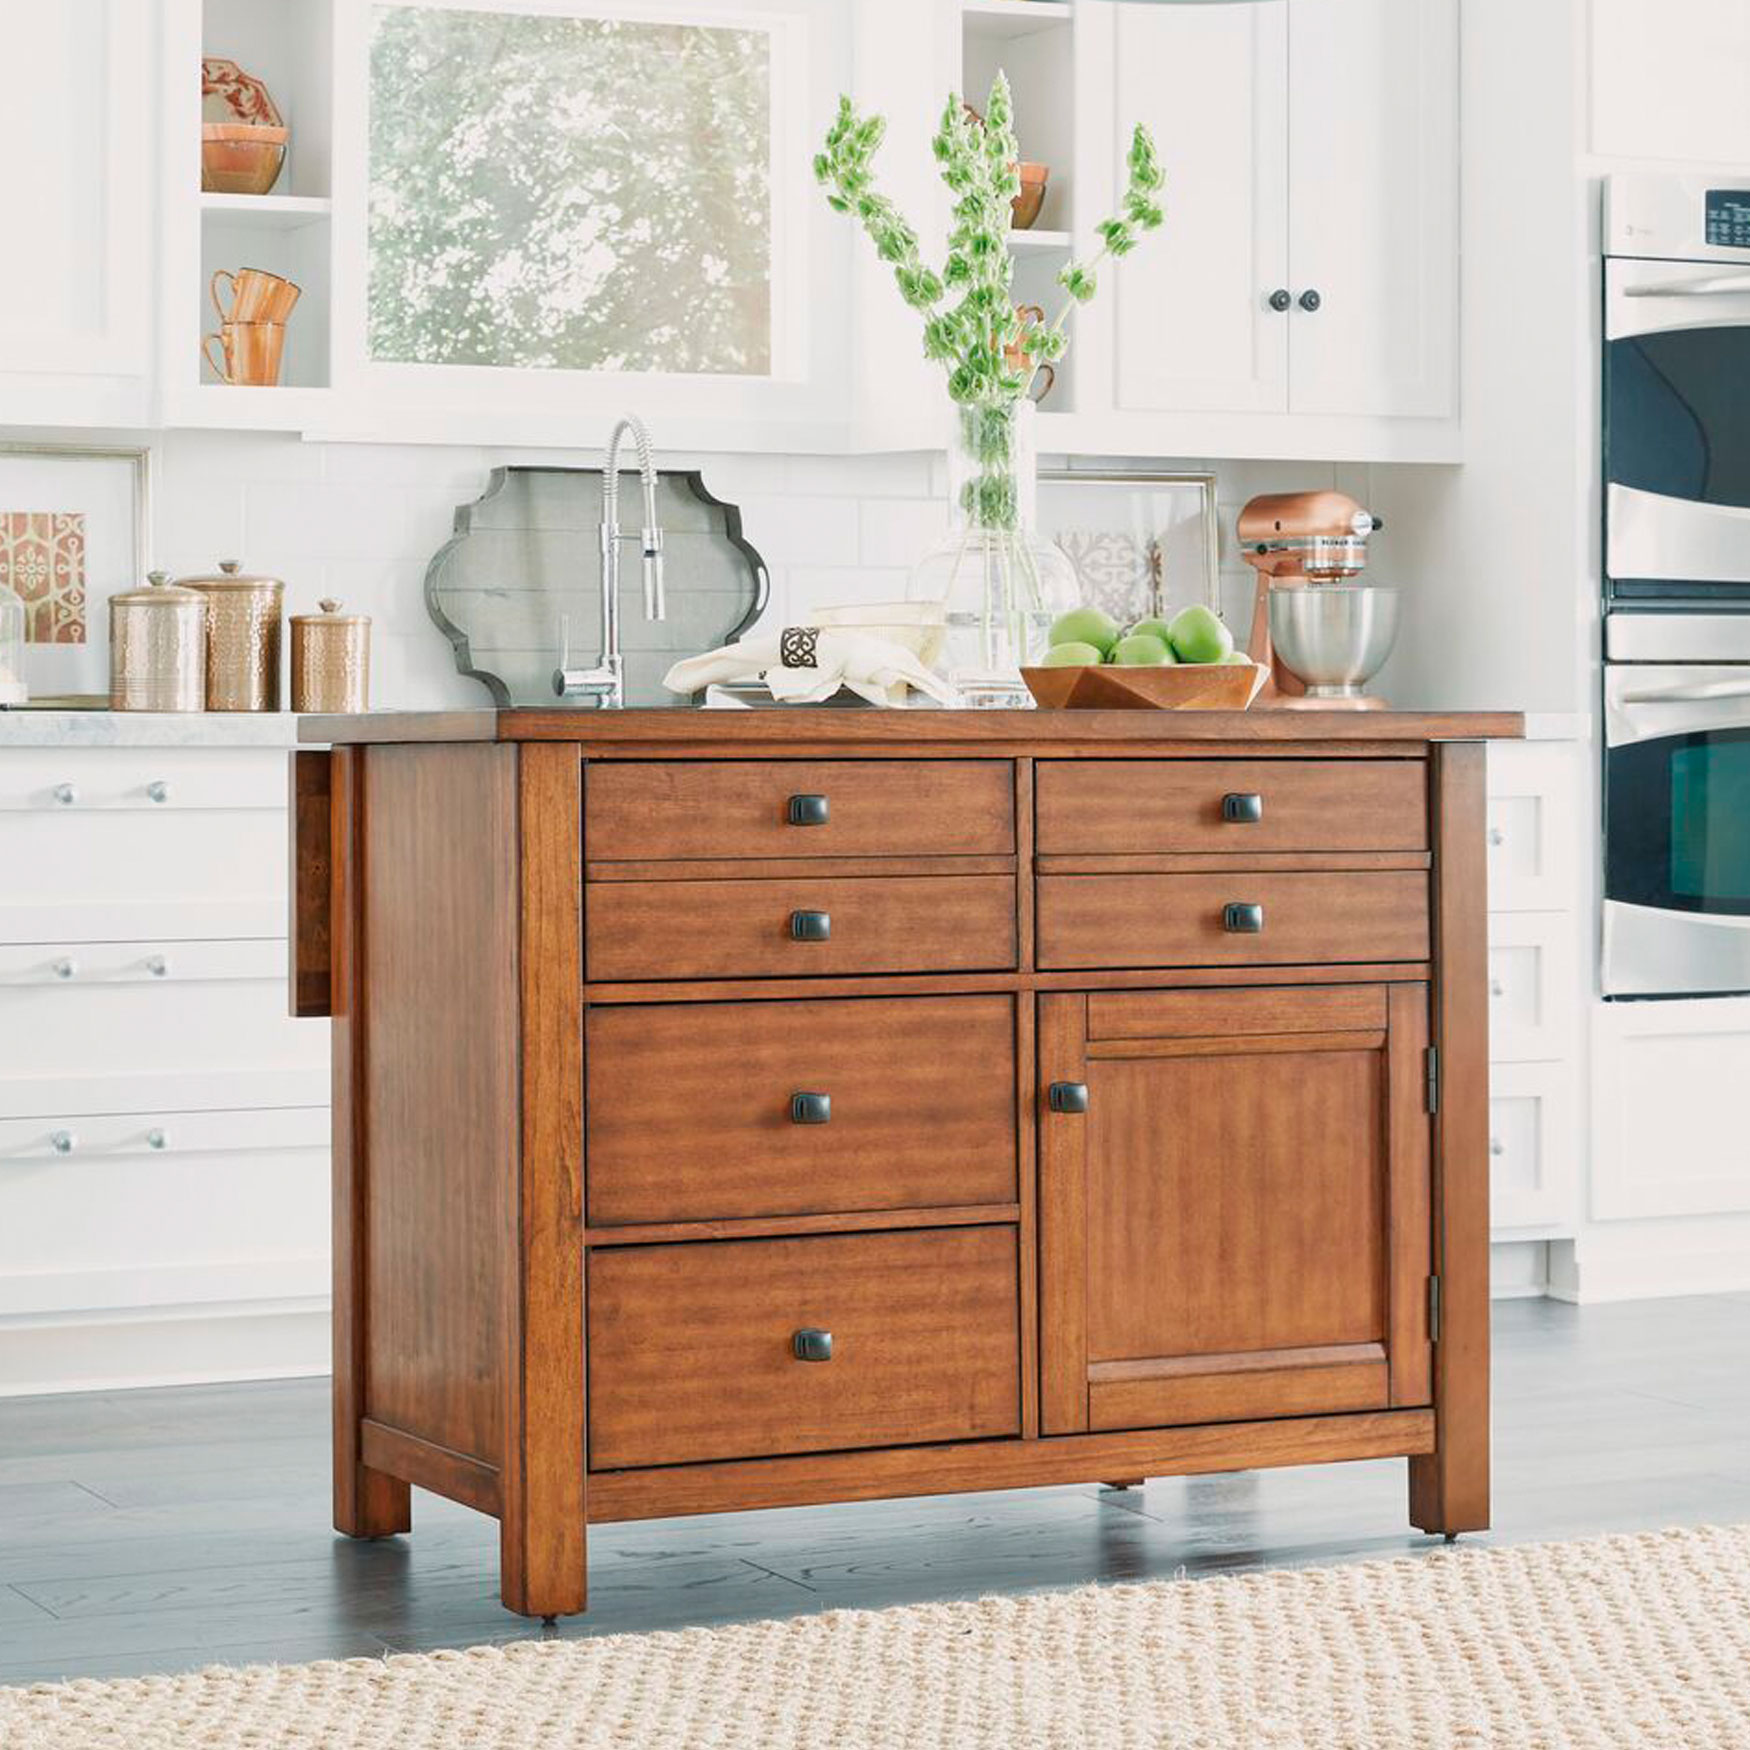 Brylane Home Kitchen: Plus Size Kitchen Carts & Islands